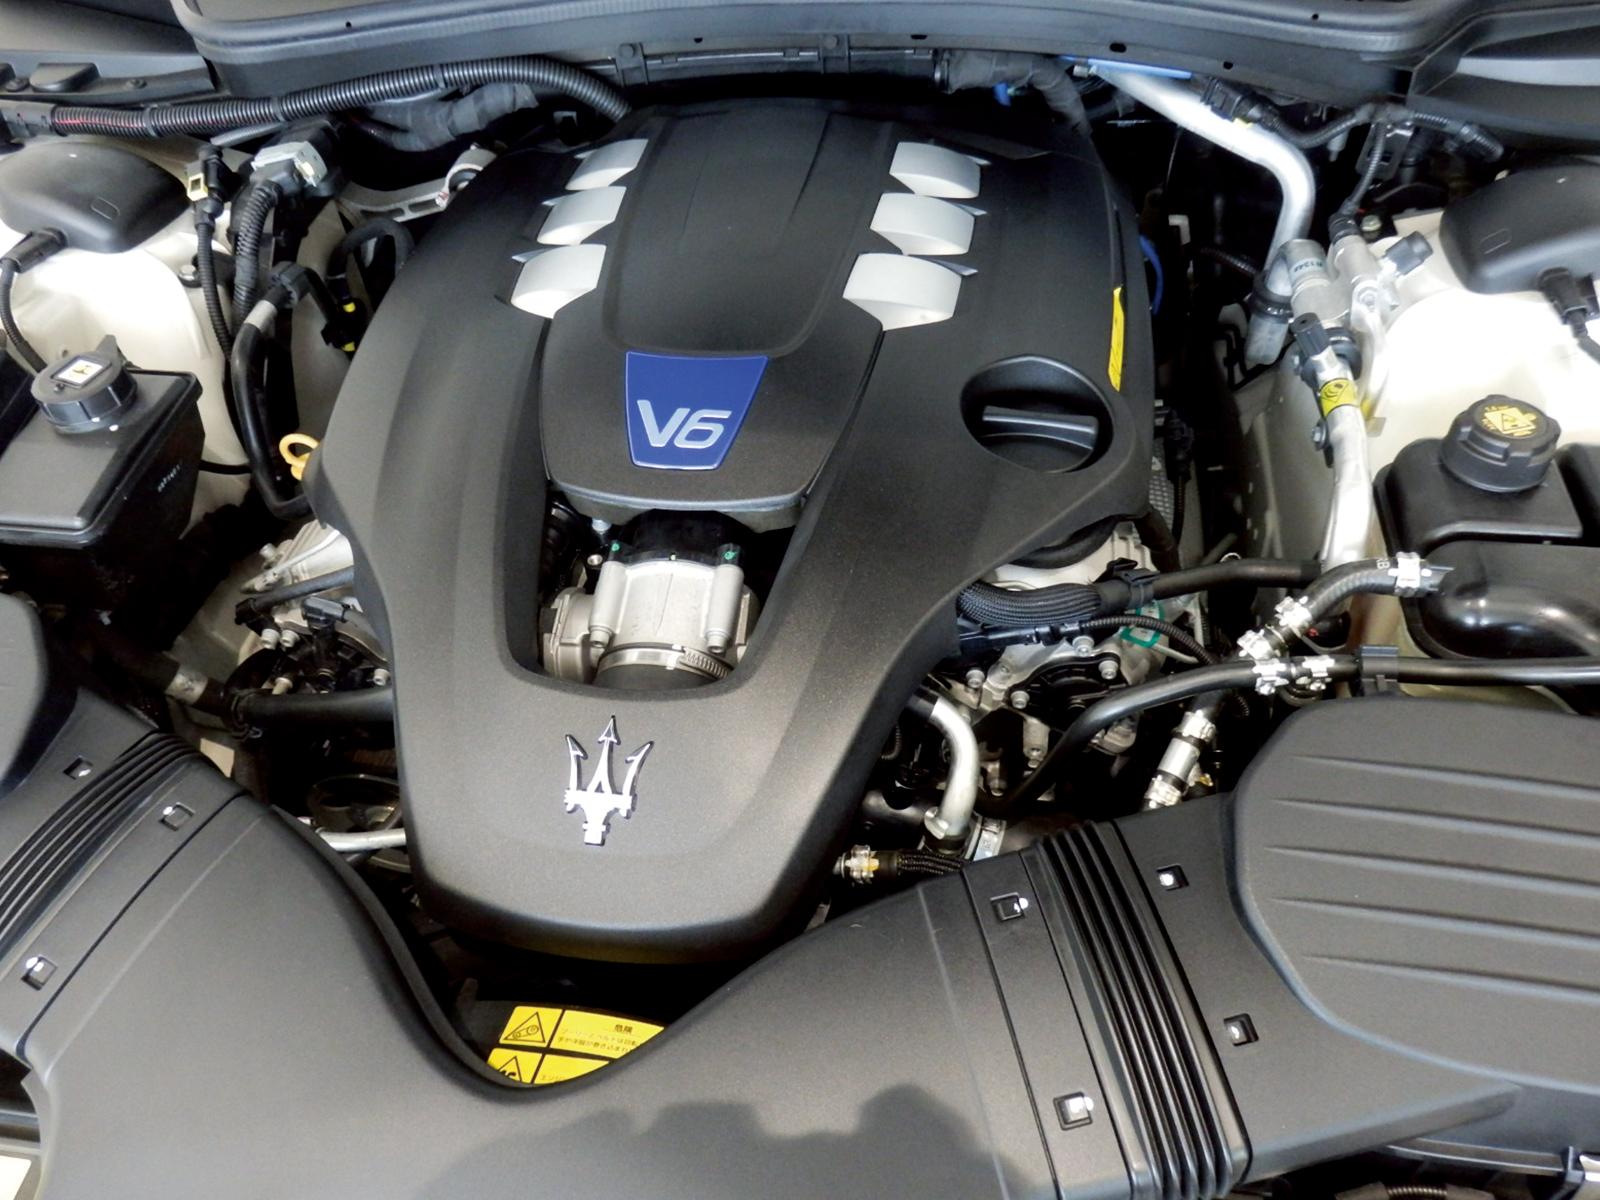 ギブリ S ビアンコ エンジン